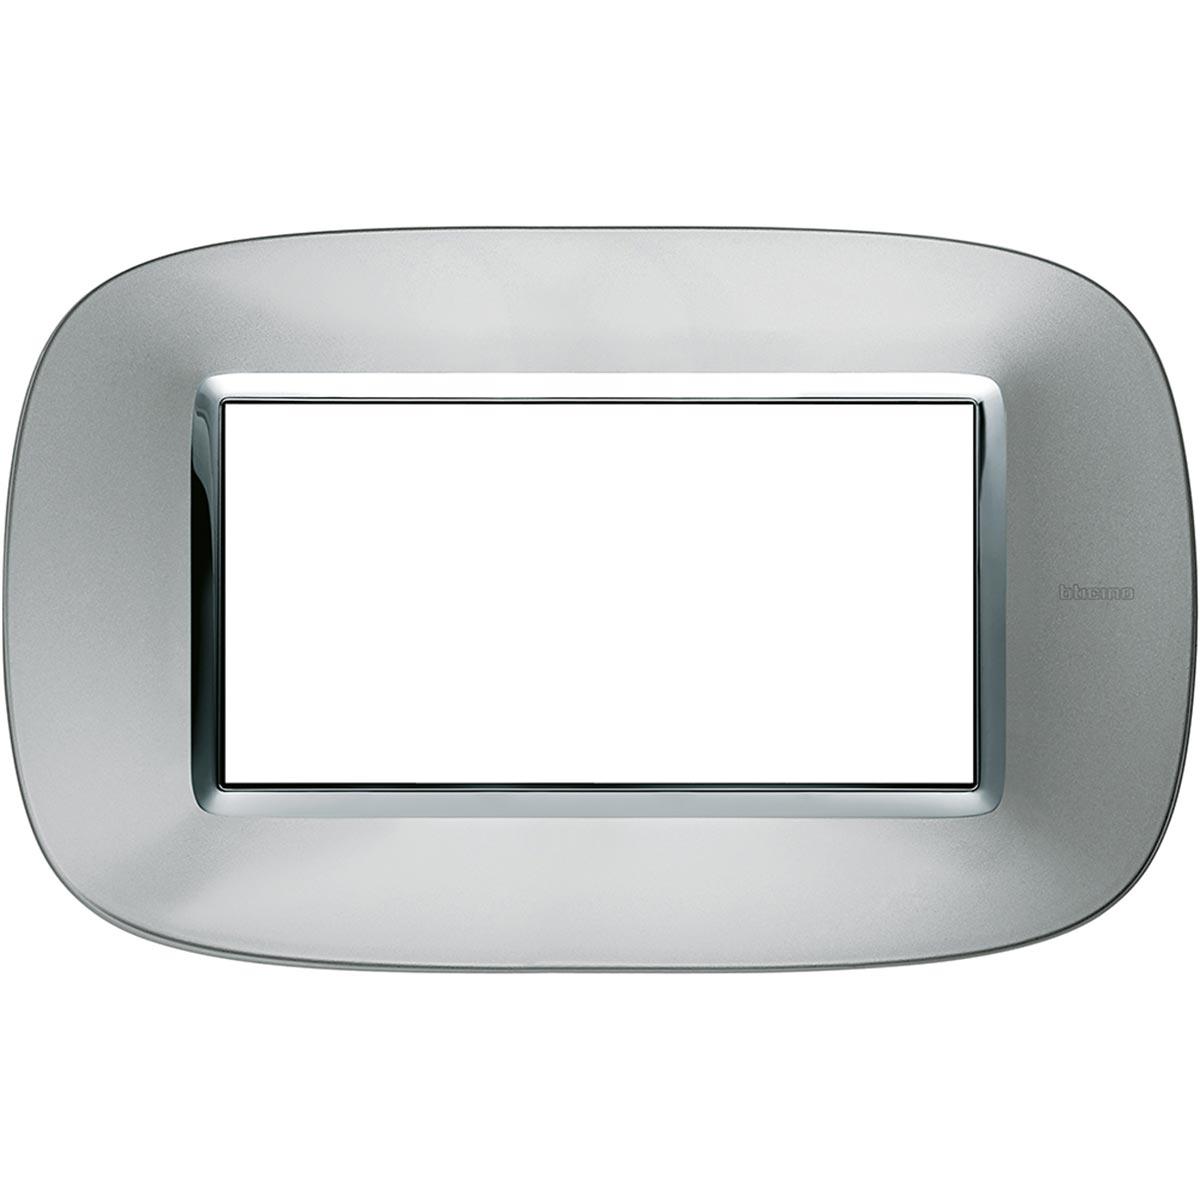 HB4804XC placche axolute bticino alluminio ovale 4 posti